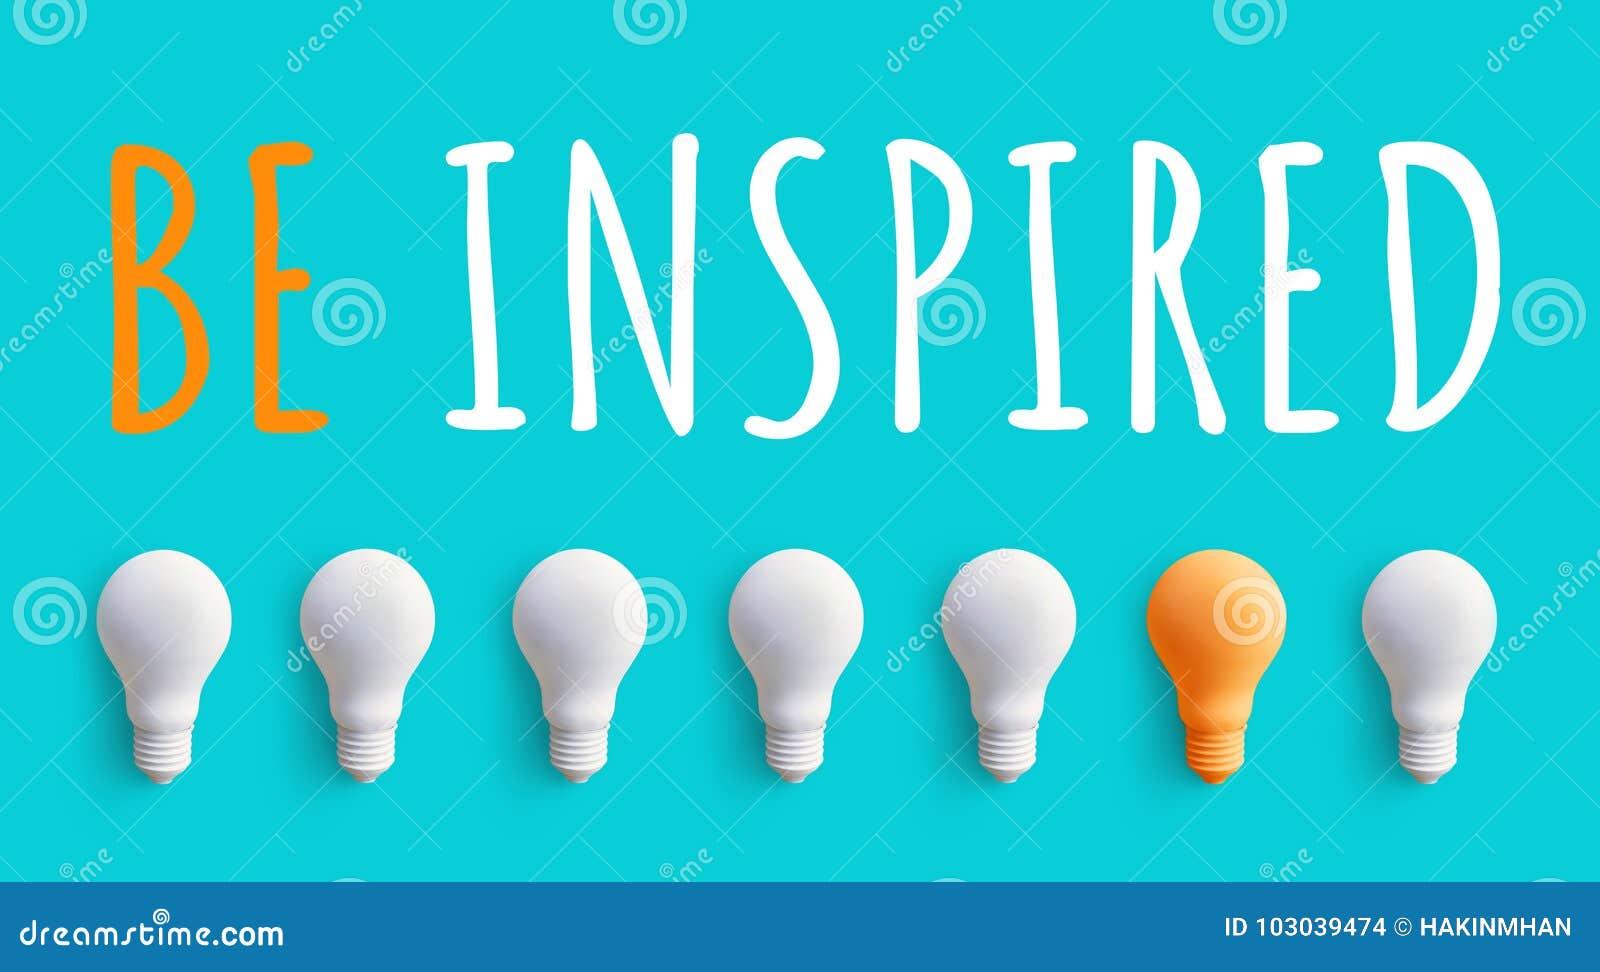 Soyez message inspiré avec l ampoule idées de créativité d affaires